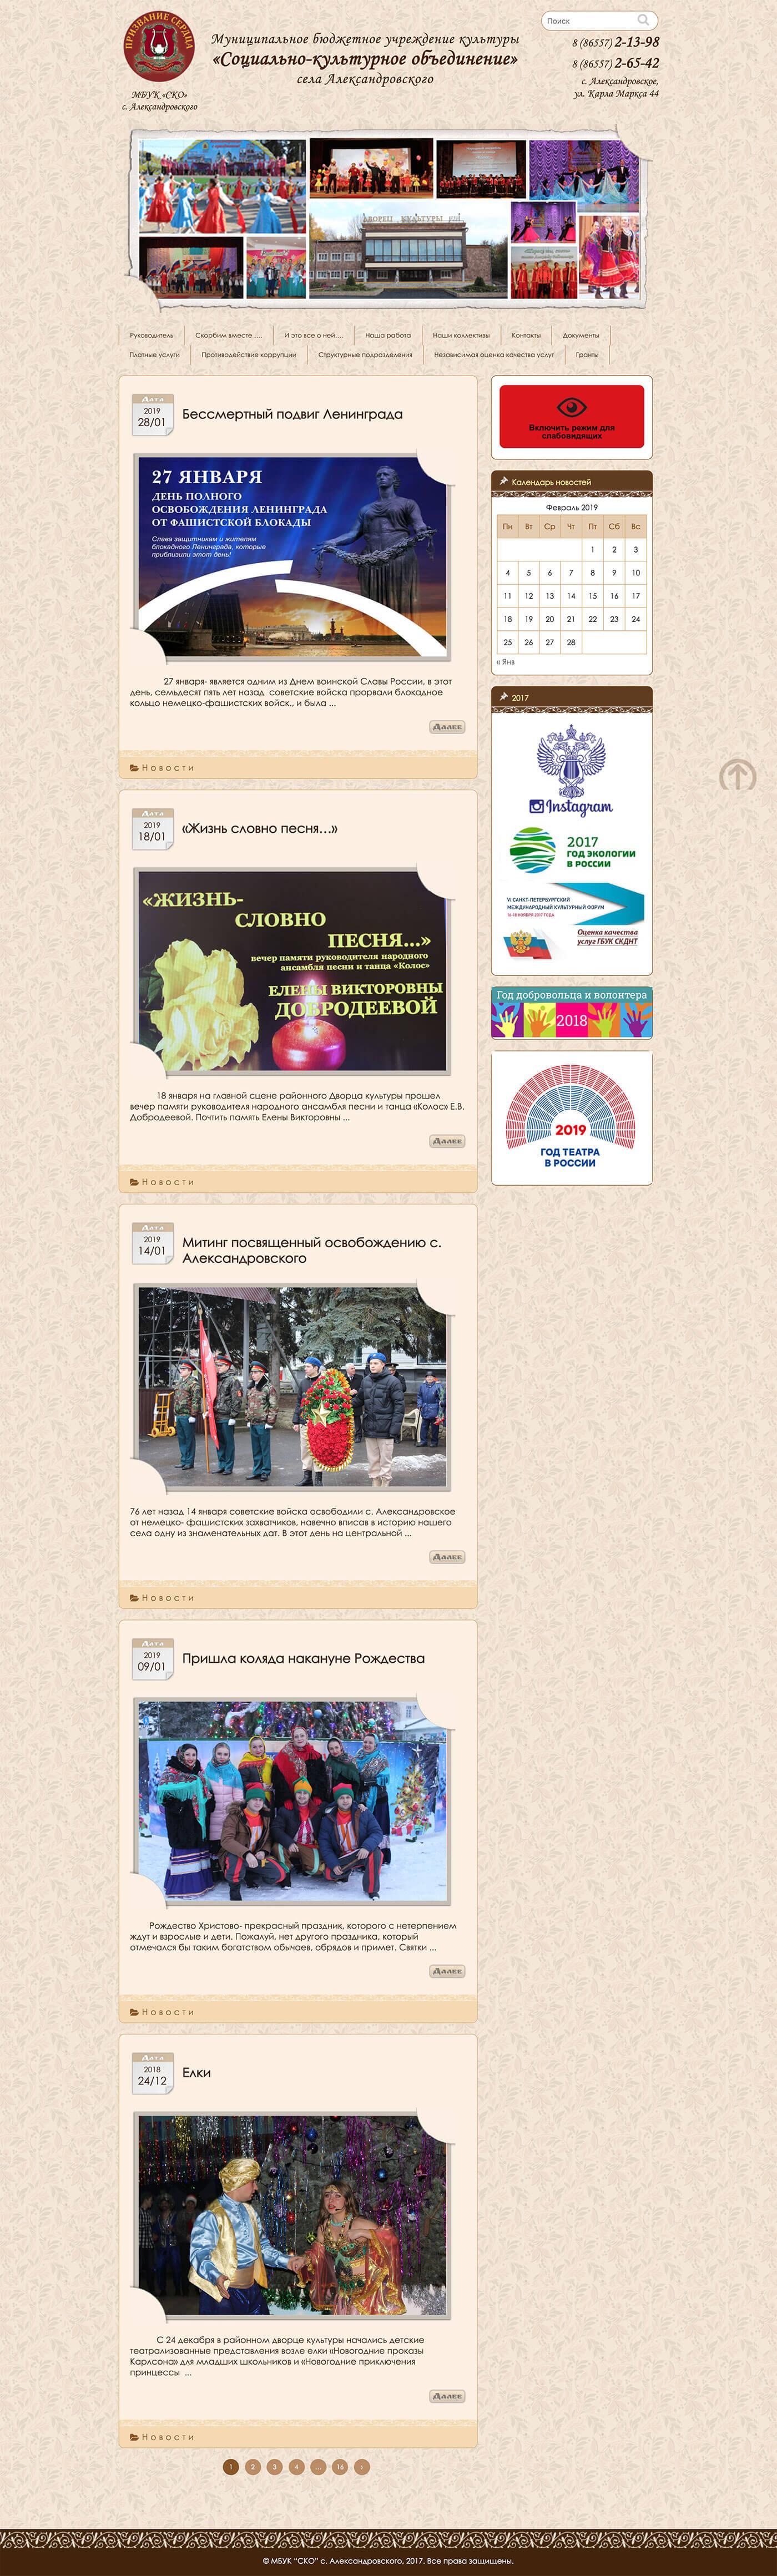 Сайт муниципального бюджетного учреждения культуры«Социально-культурное объединение»села Александровского